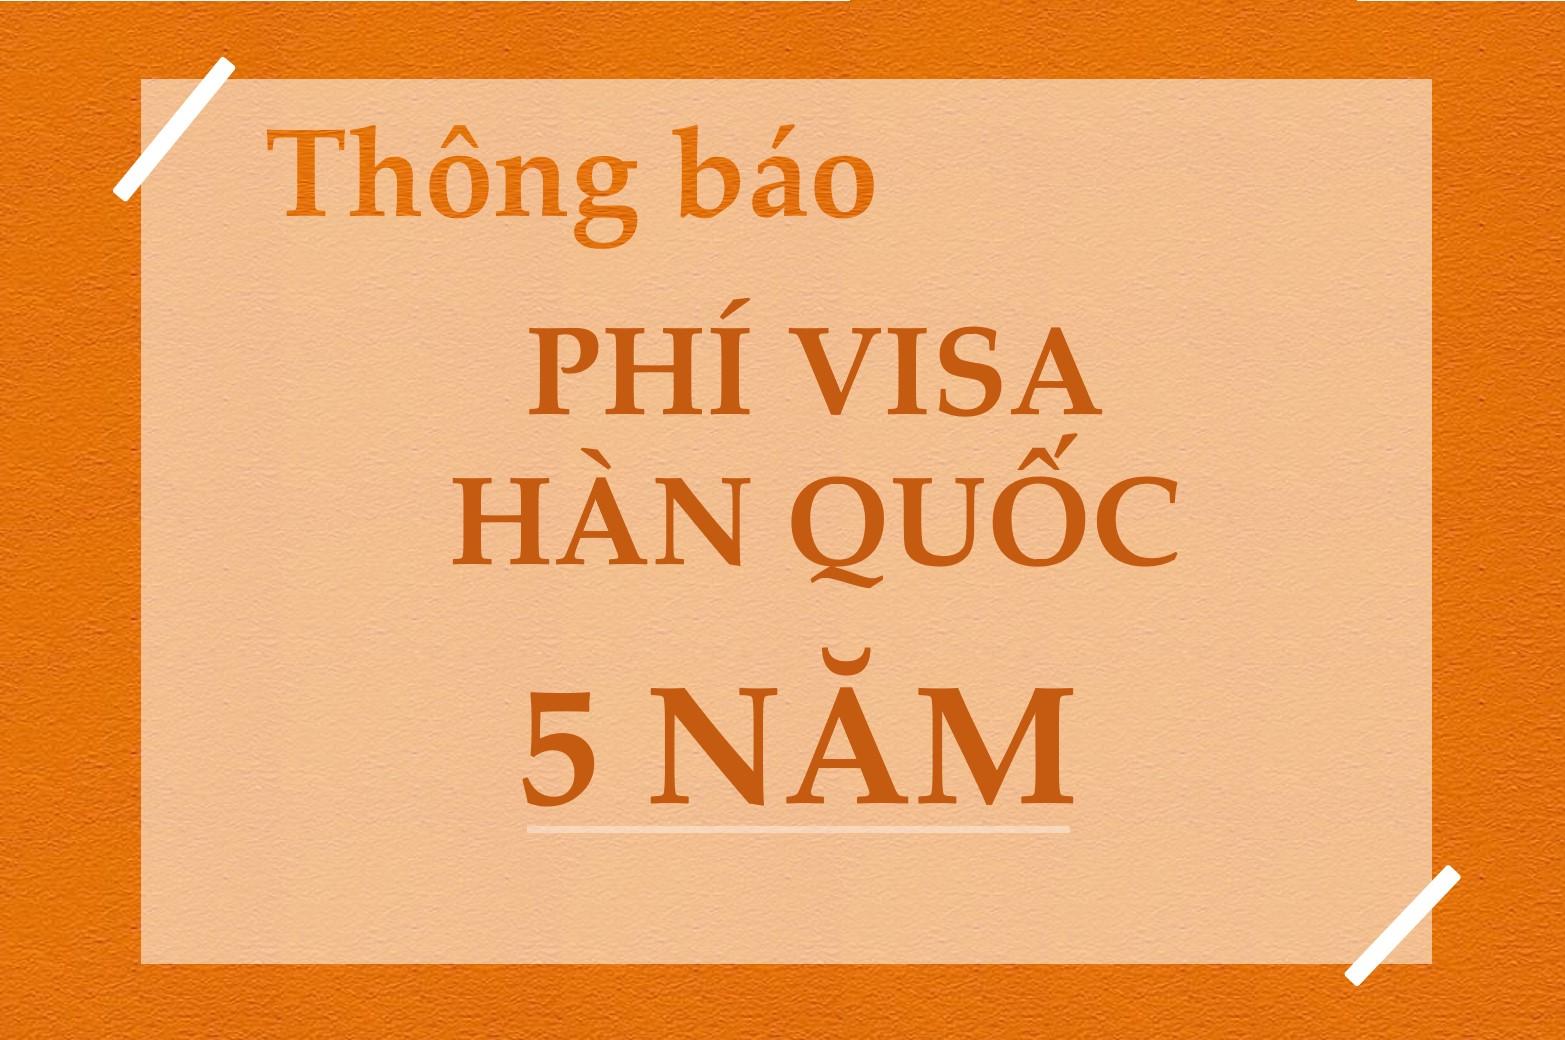 Phí visa Hàn Quốc 5 năm